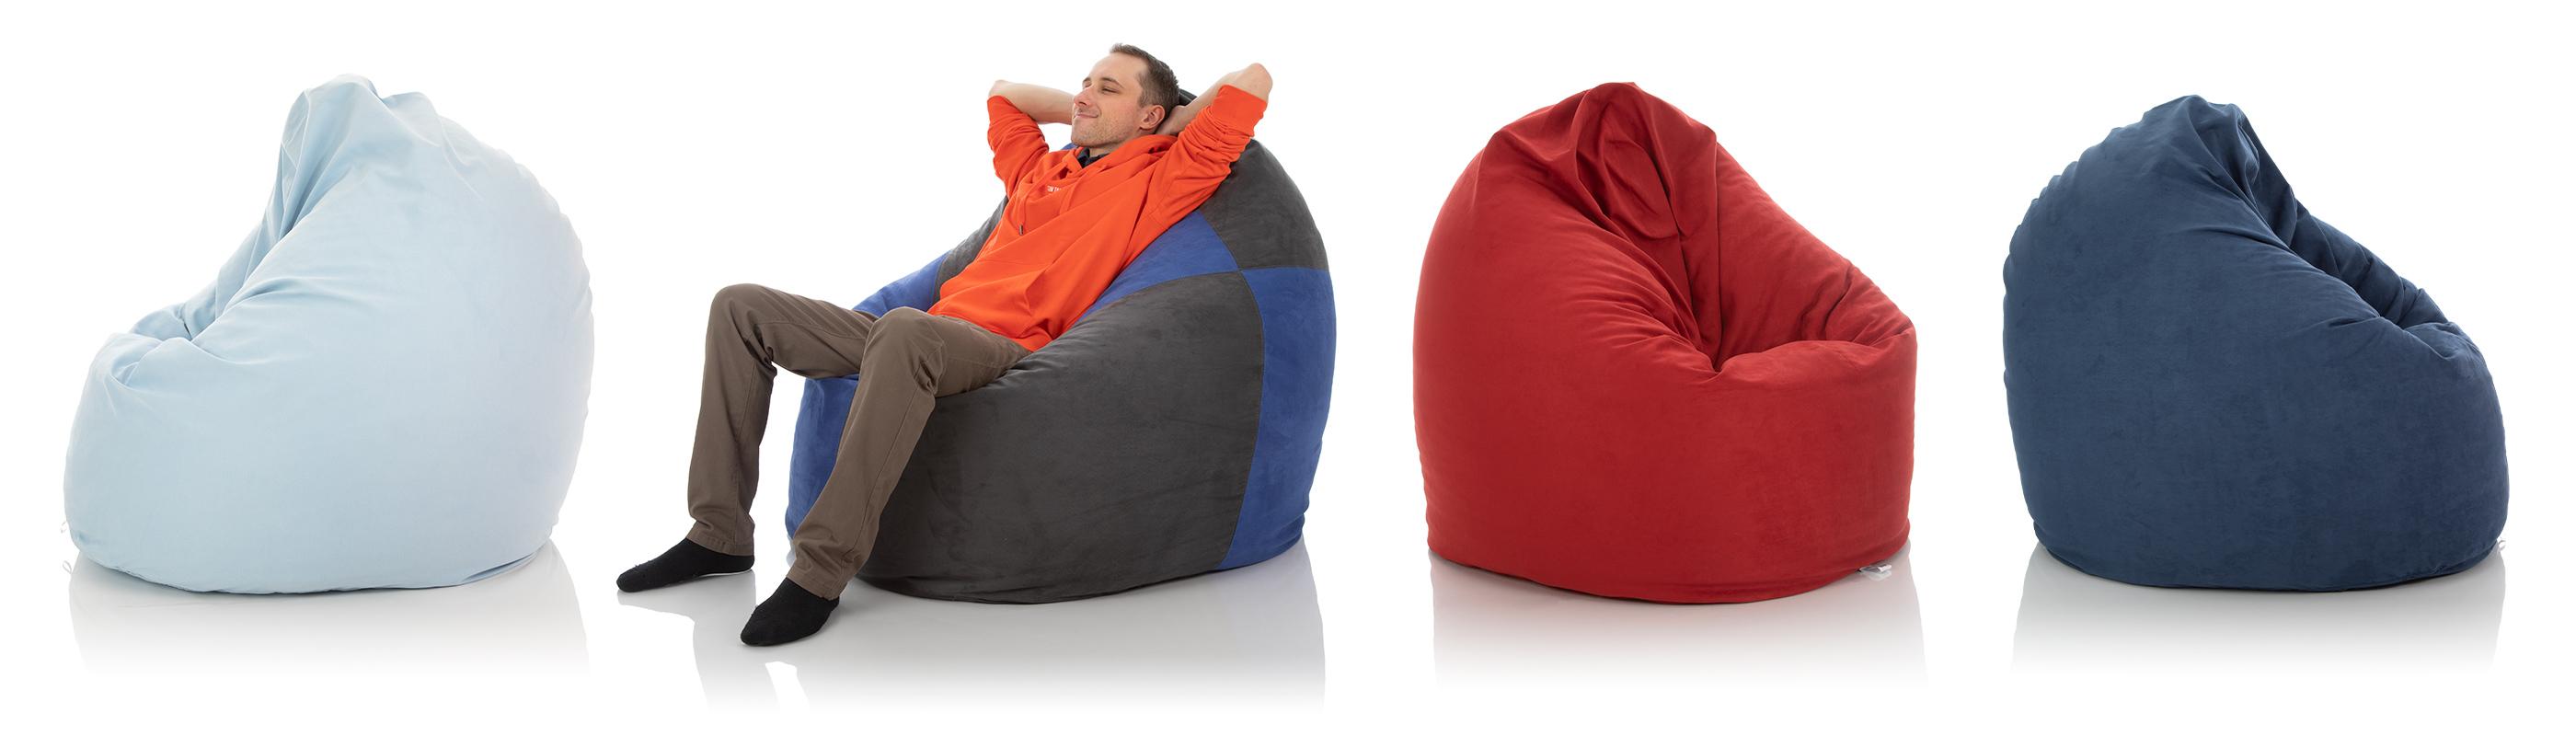 Indoor XXL-Sitzsäcke für das Wohnzimmer in den Farben hell blau, zweifarbig, rot und dunkel blau im Vergleich